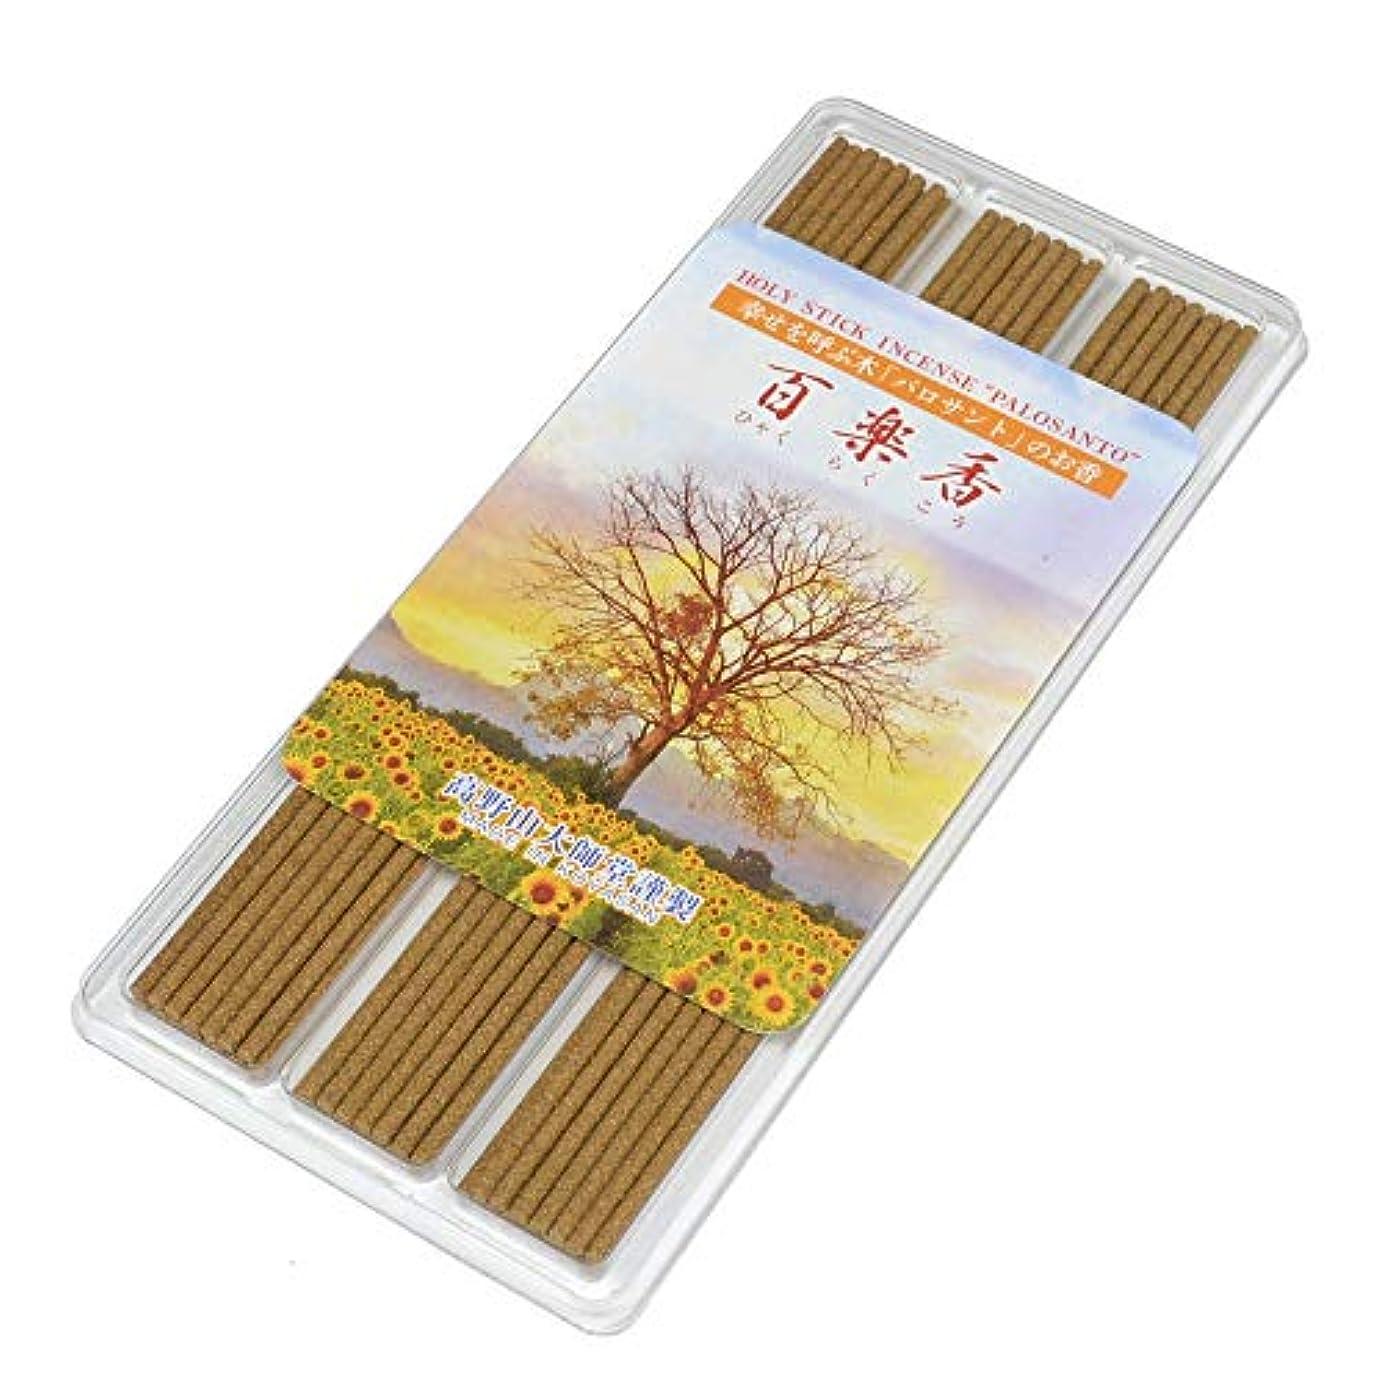 促すディーラーみなす幸運の木「パロサント」のお香【徳用】Palo Santo Incense